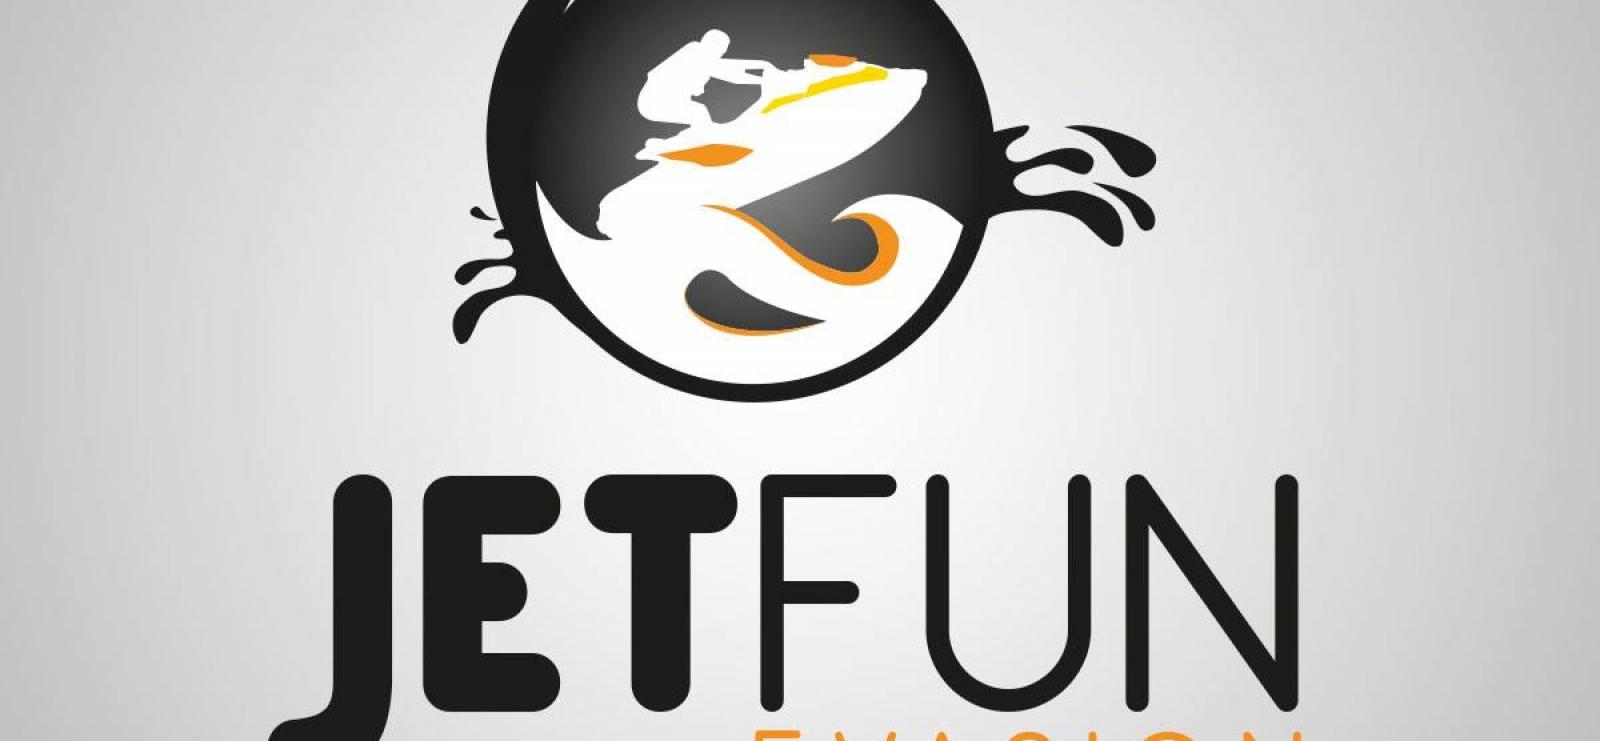 Jet Fun Evasion - Logo